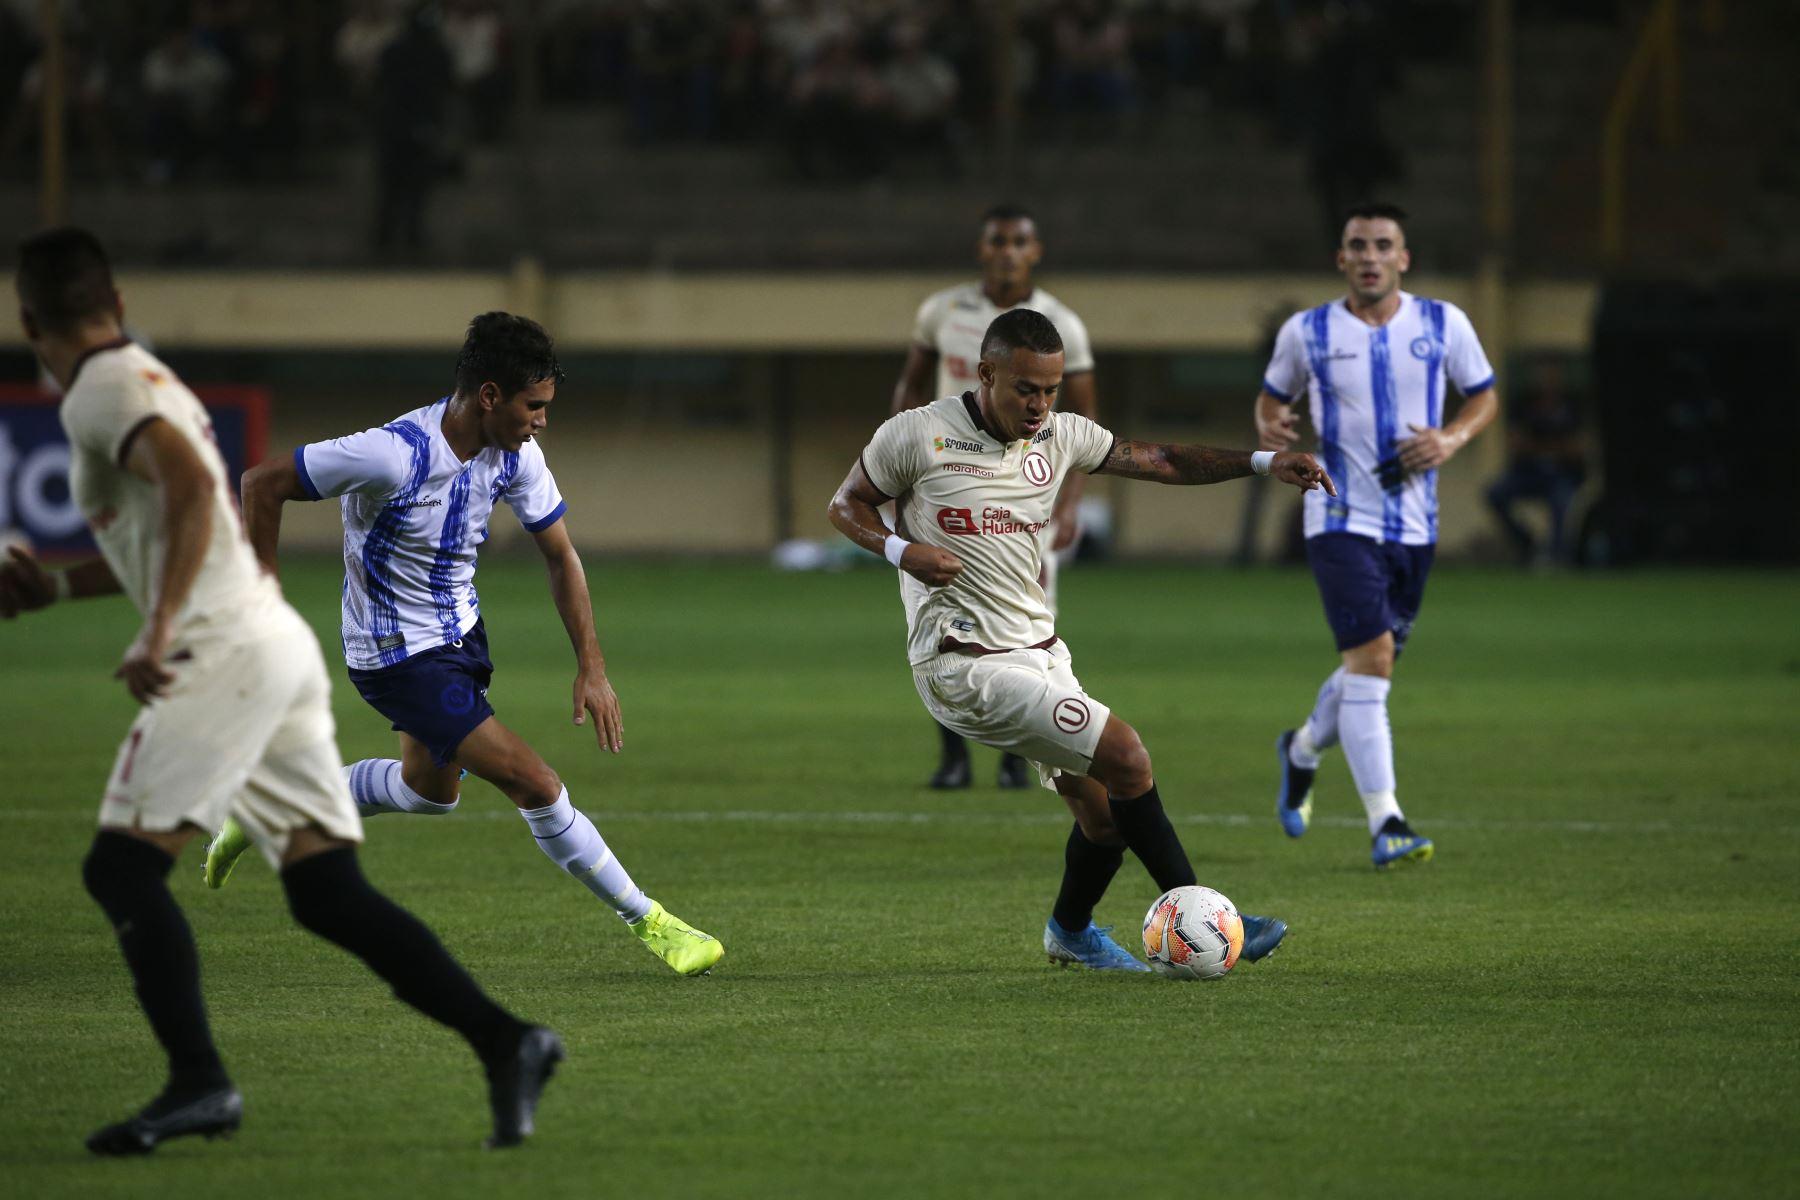 Universitario de Deportes presentó su plantel de jugadores para este año  2020 en la 'Noche Crema' en el cual enfrentó al conjunto Cerro Largo de Uruguay. Foto: ANDINA/Eddy Ramos